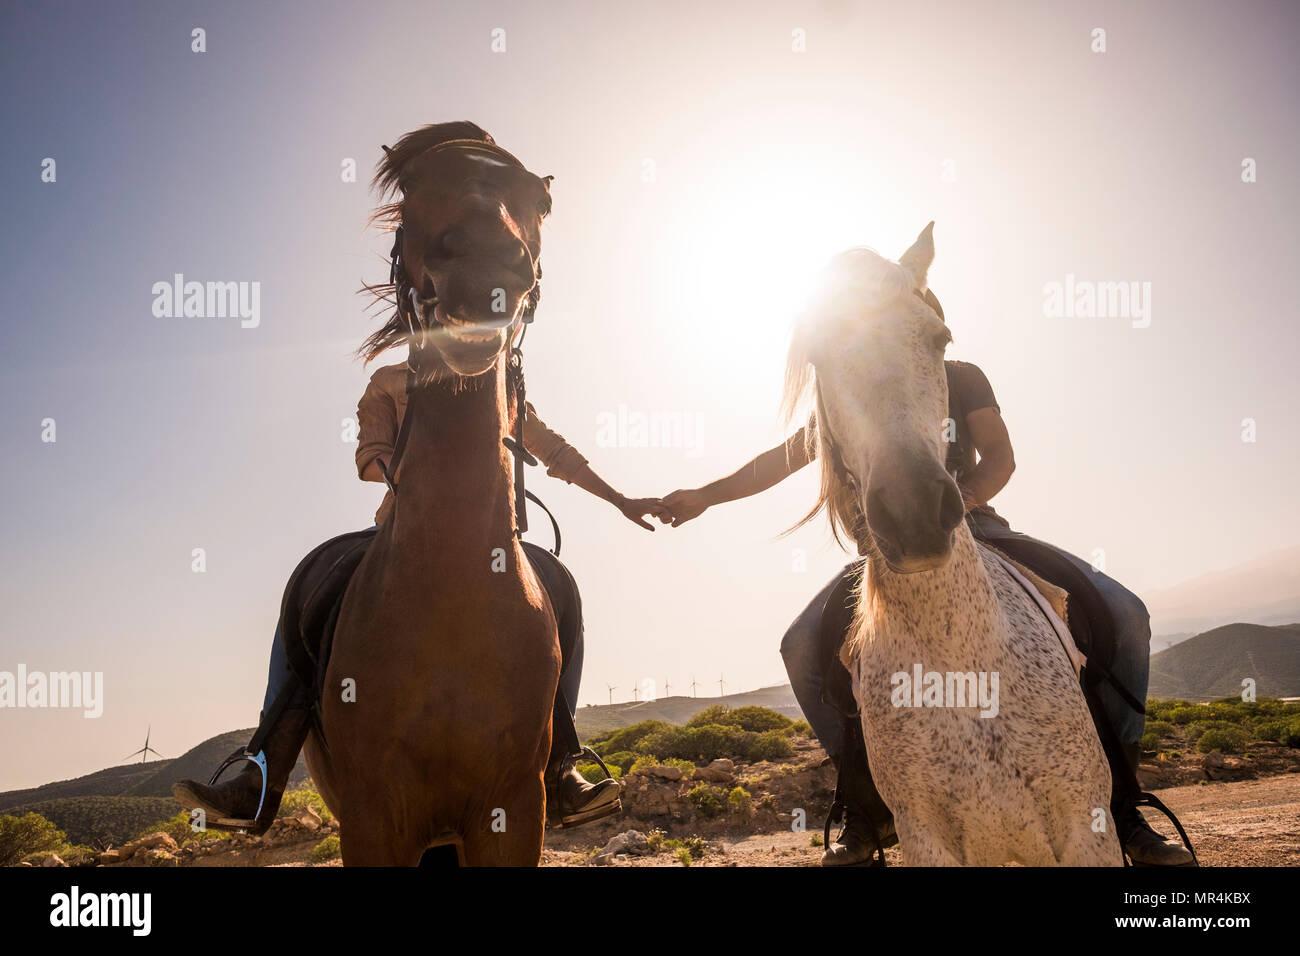 Mani toccano con amore ma faccia cavallo di bombardare la foto per un finale divertente immagine con Cavallo sorridente. La retroilluminazione e il concetto di amore nella Natura Tempo libero Immagini Stock